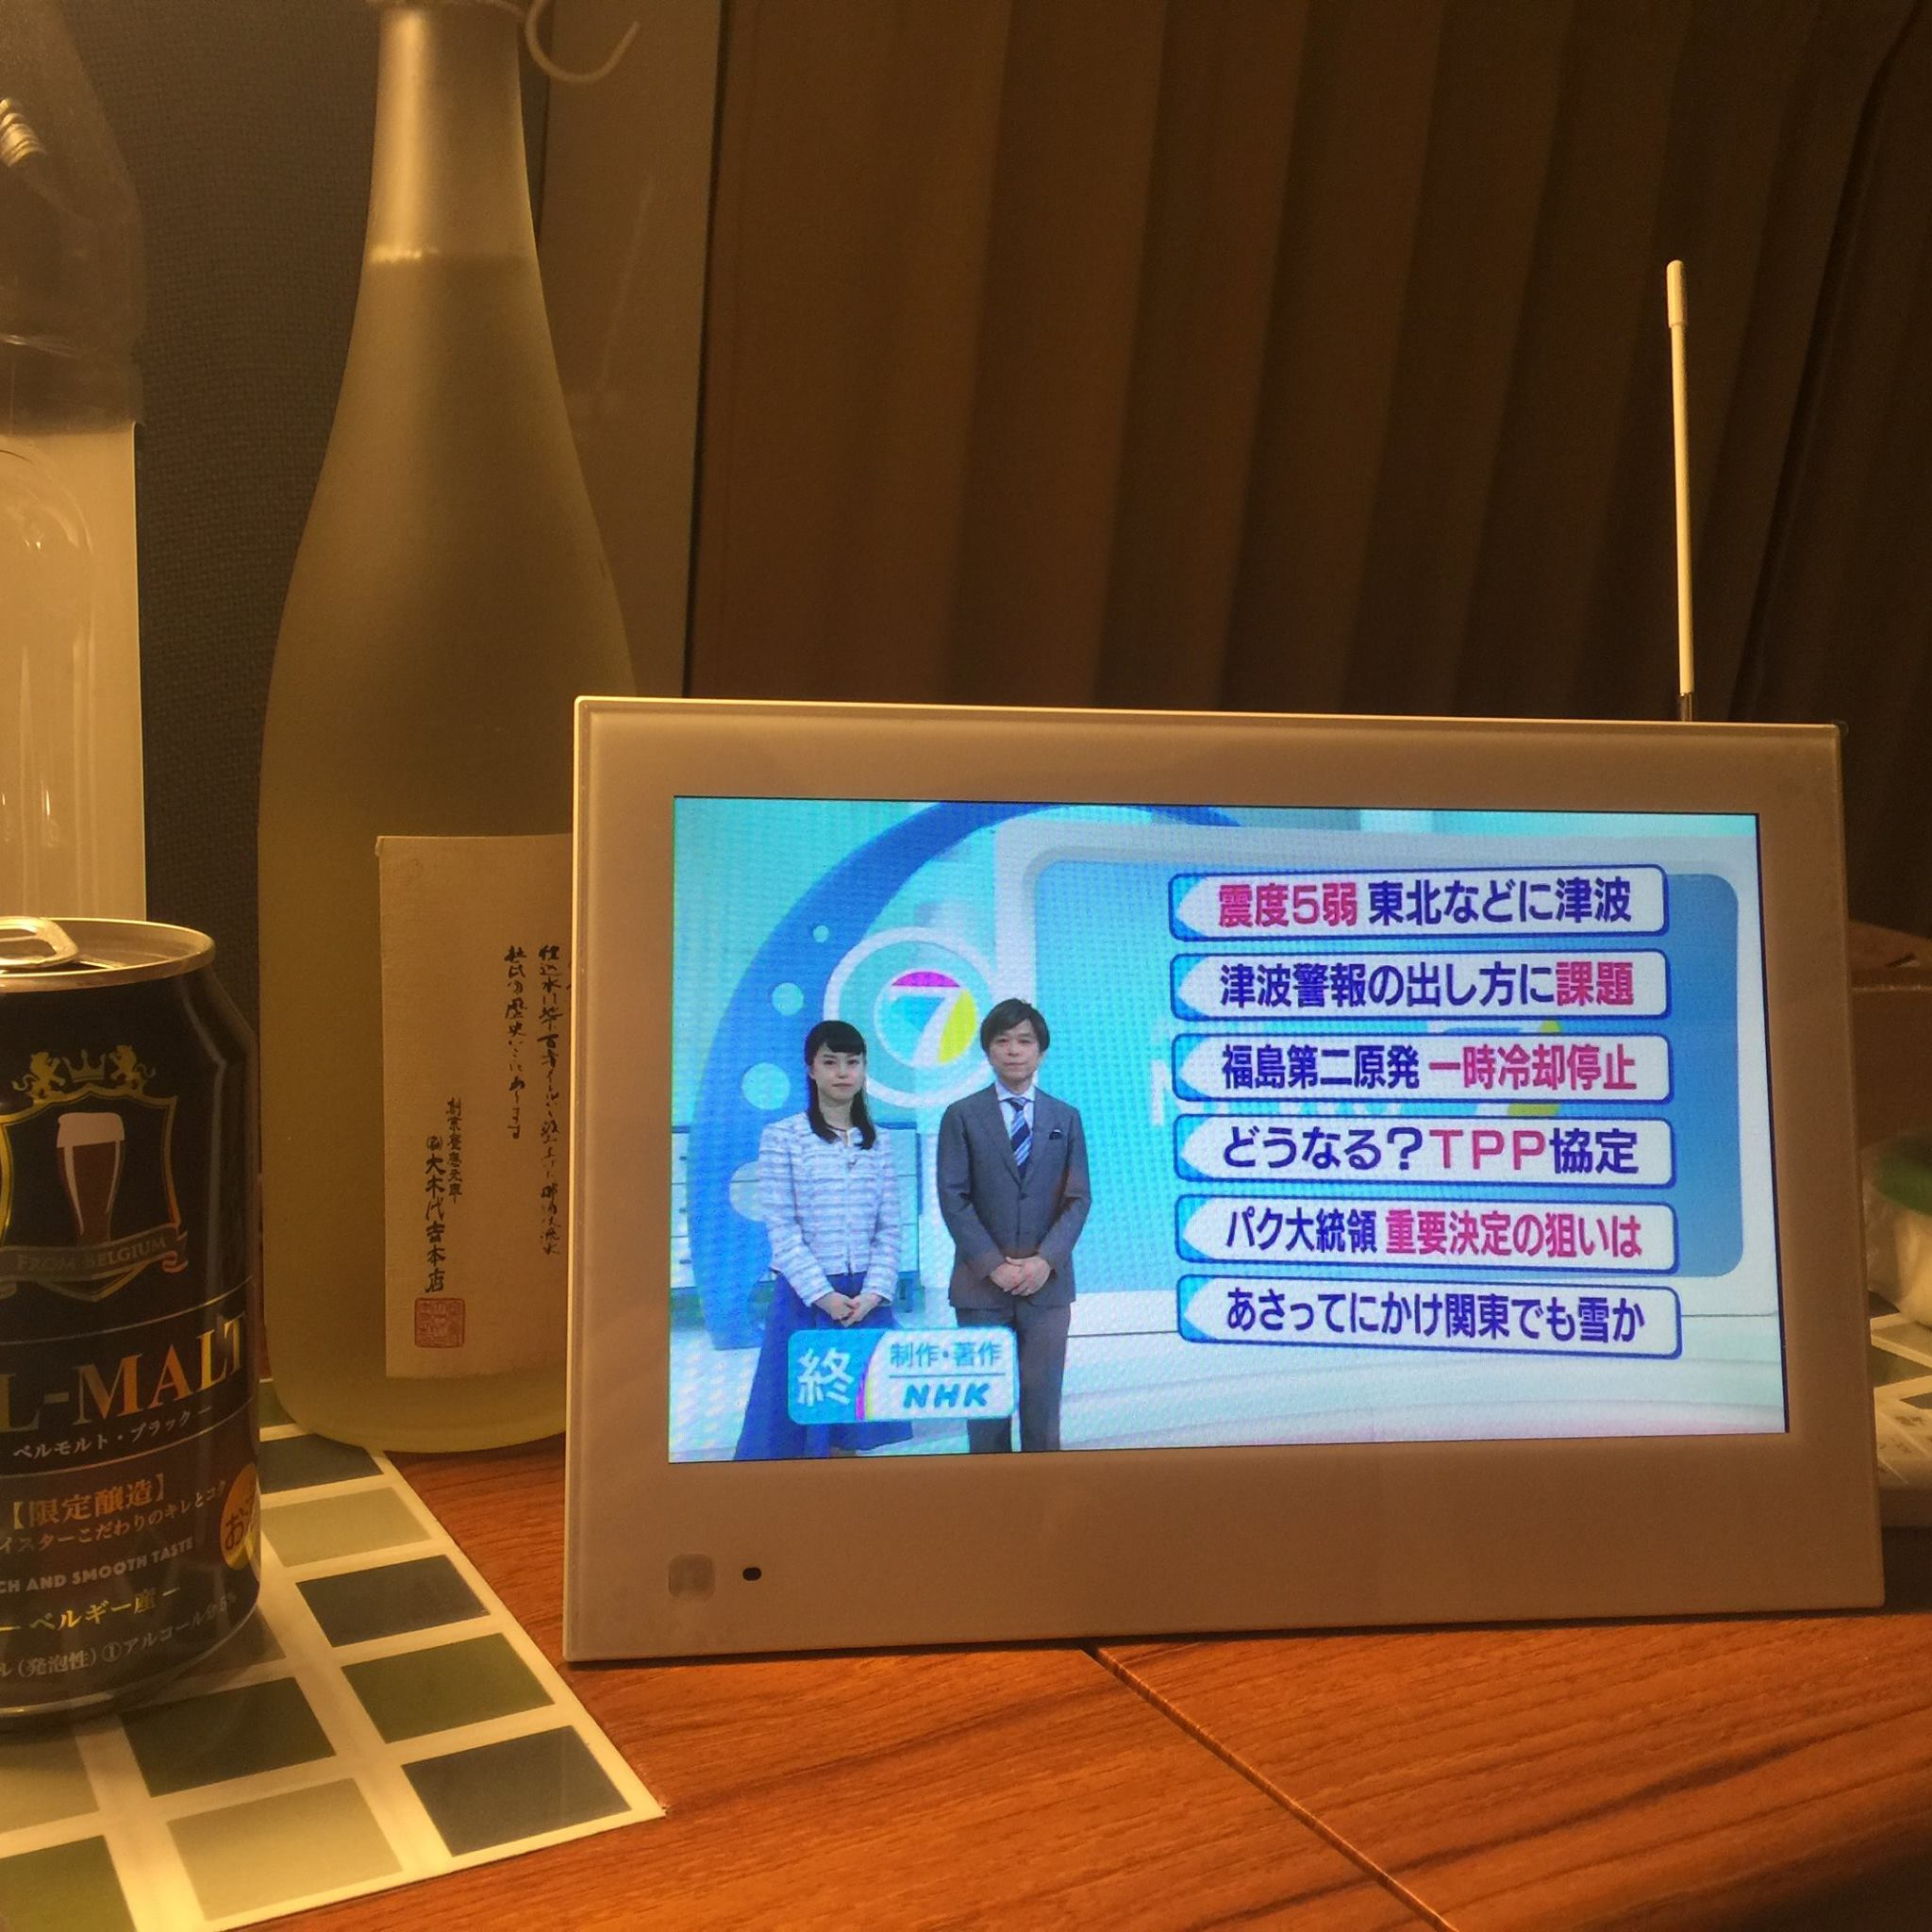 テレビの受信状態